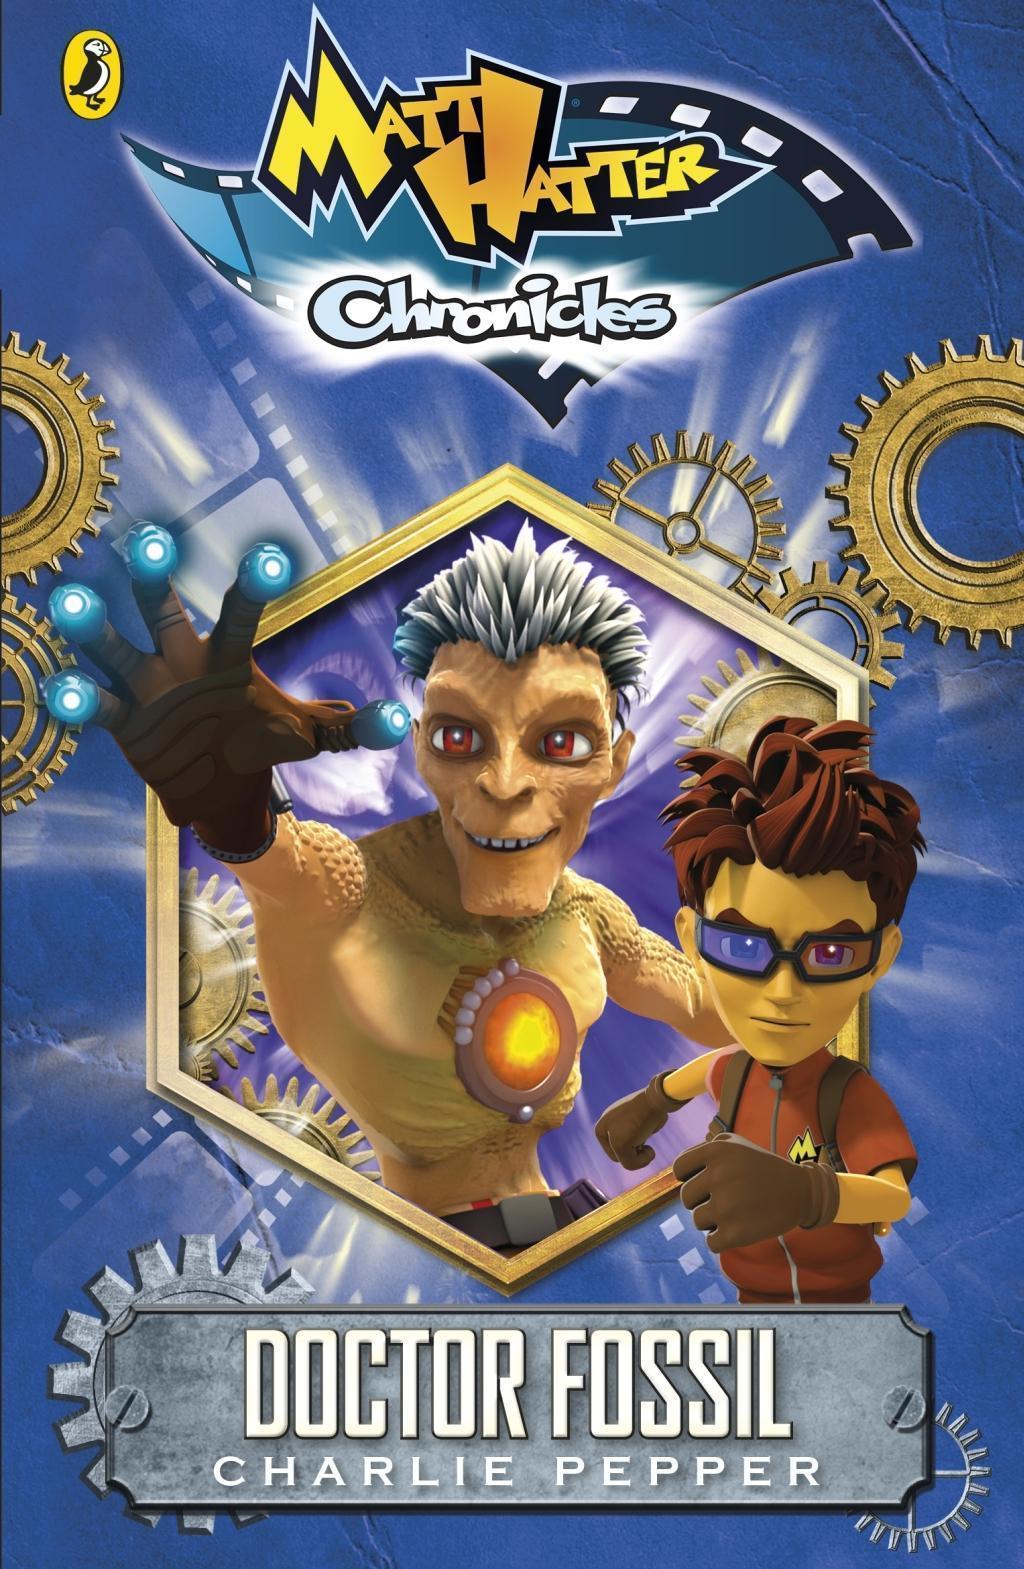 Matt Hatter Chronicles: Doctor Fossil (Book 2)